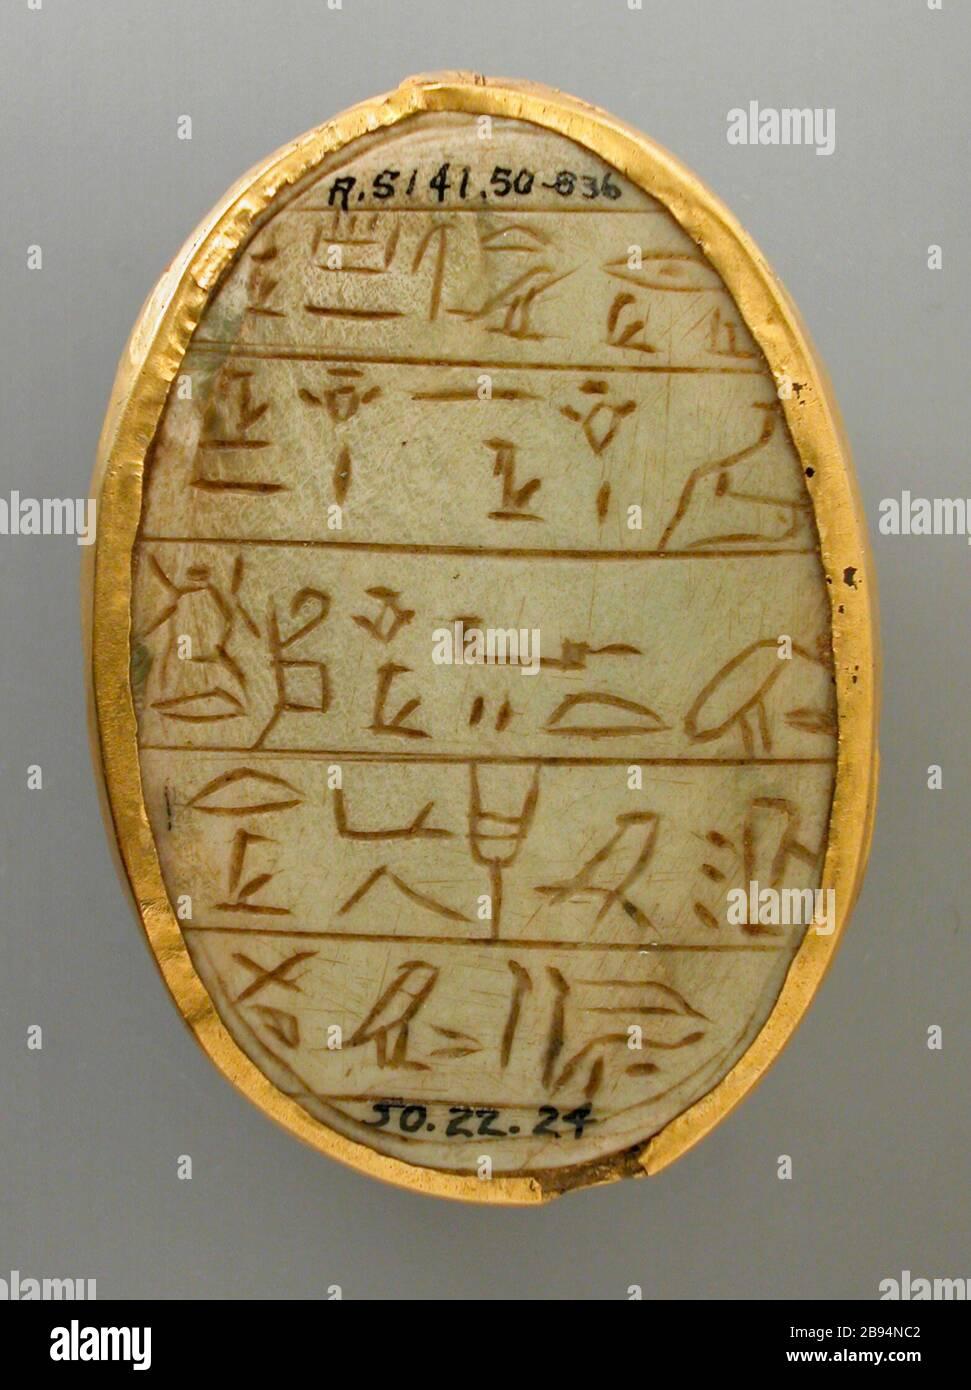 Geflügelter Skarabäus mit grünem Stein Ägypten Käfer Geschenk